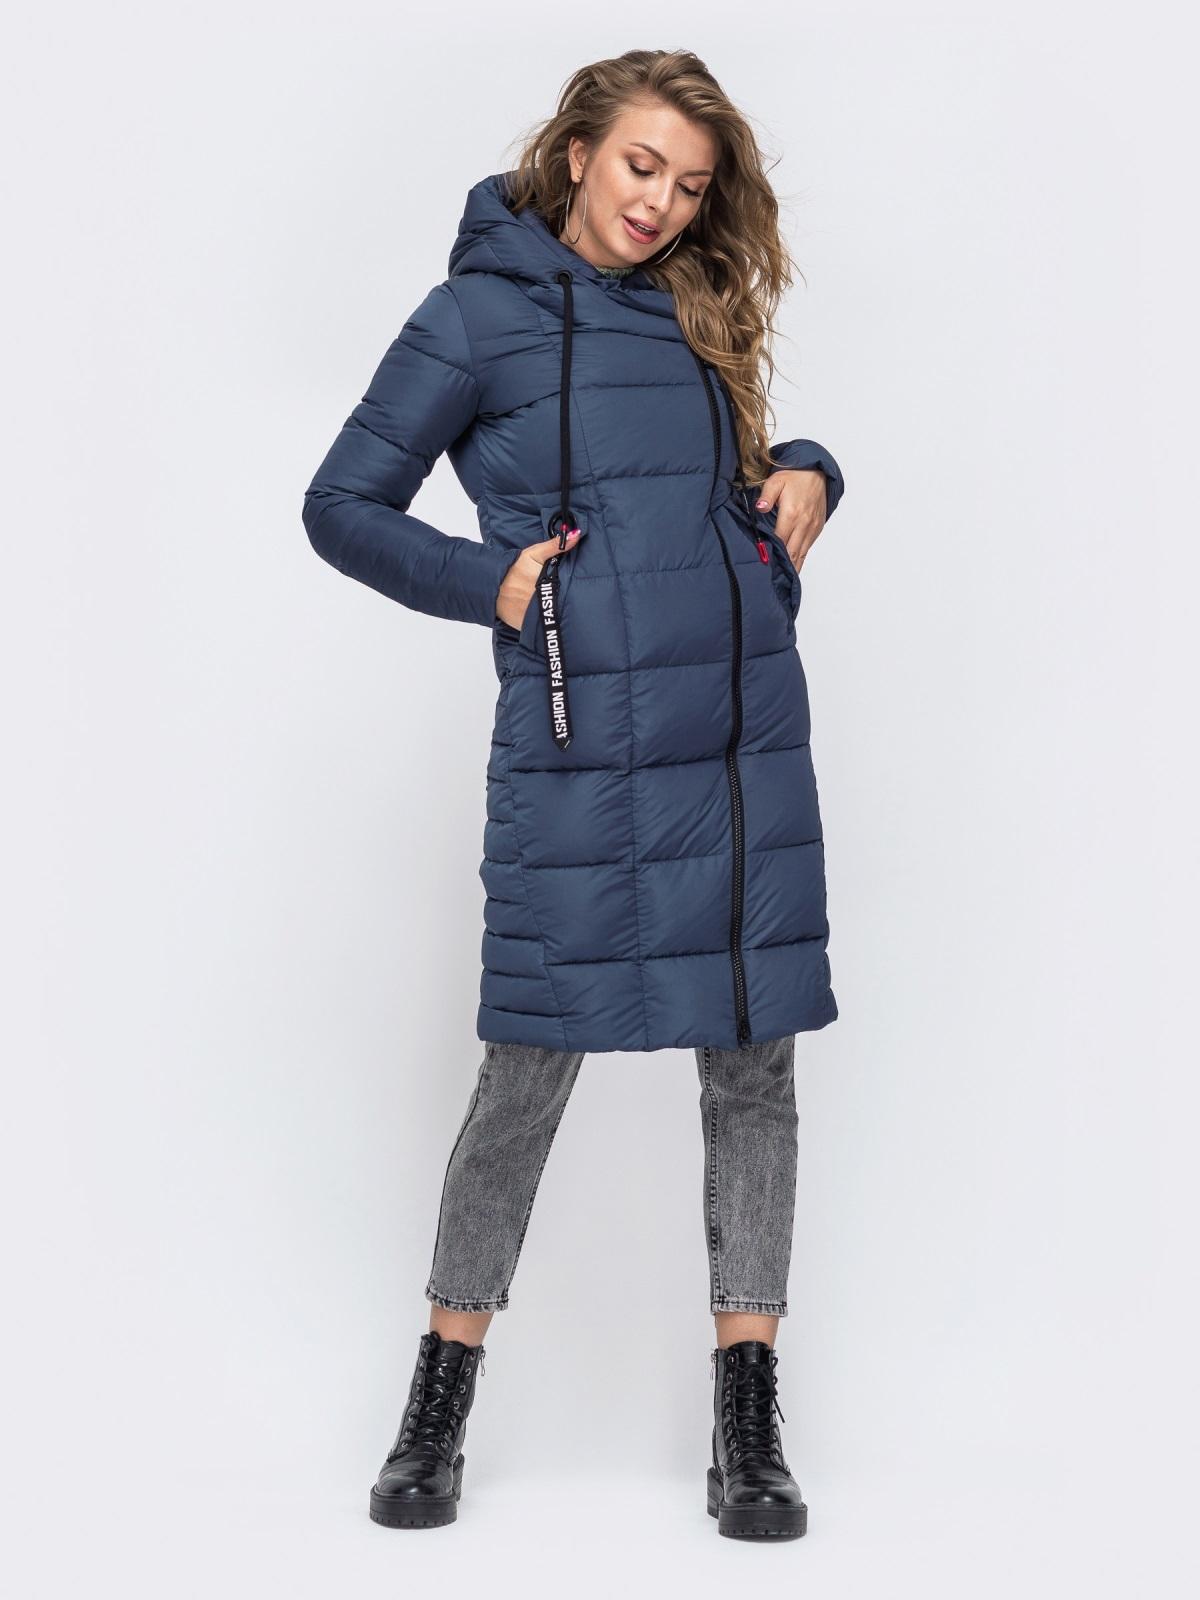 Зимняя куртка с капюшоном синяя 50666, фото 1